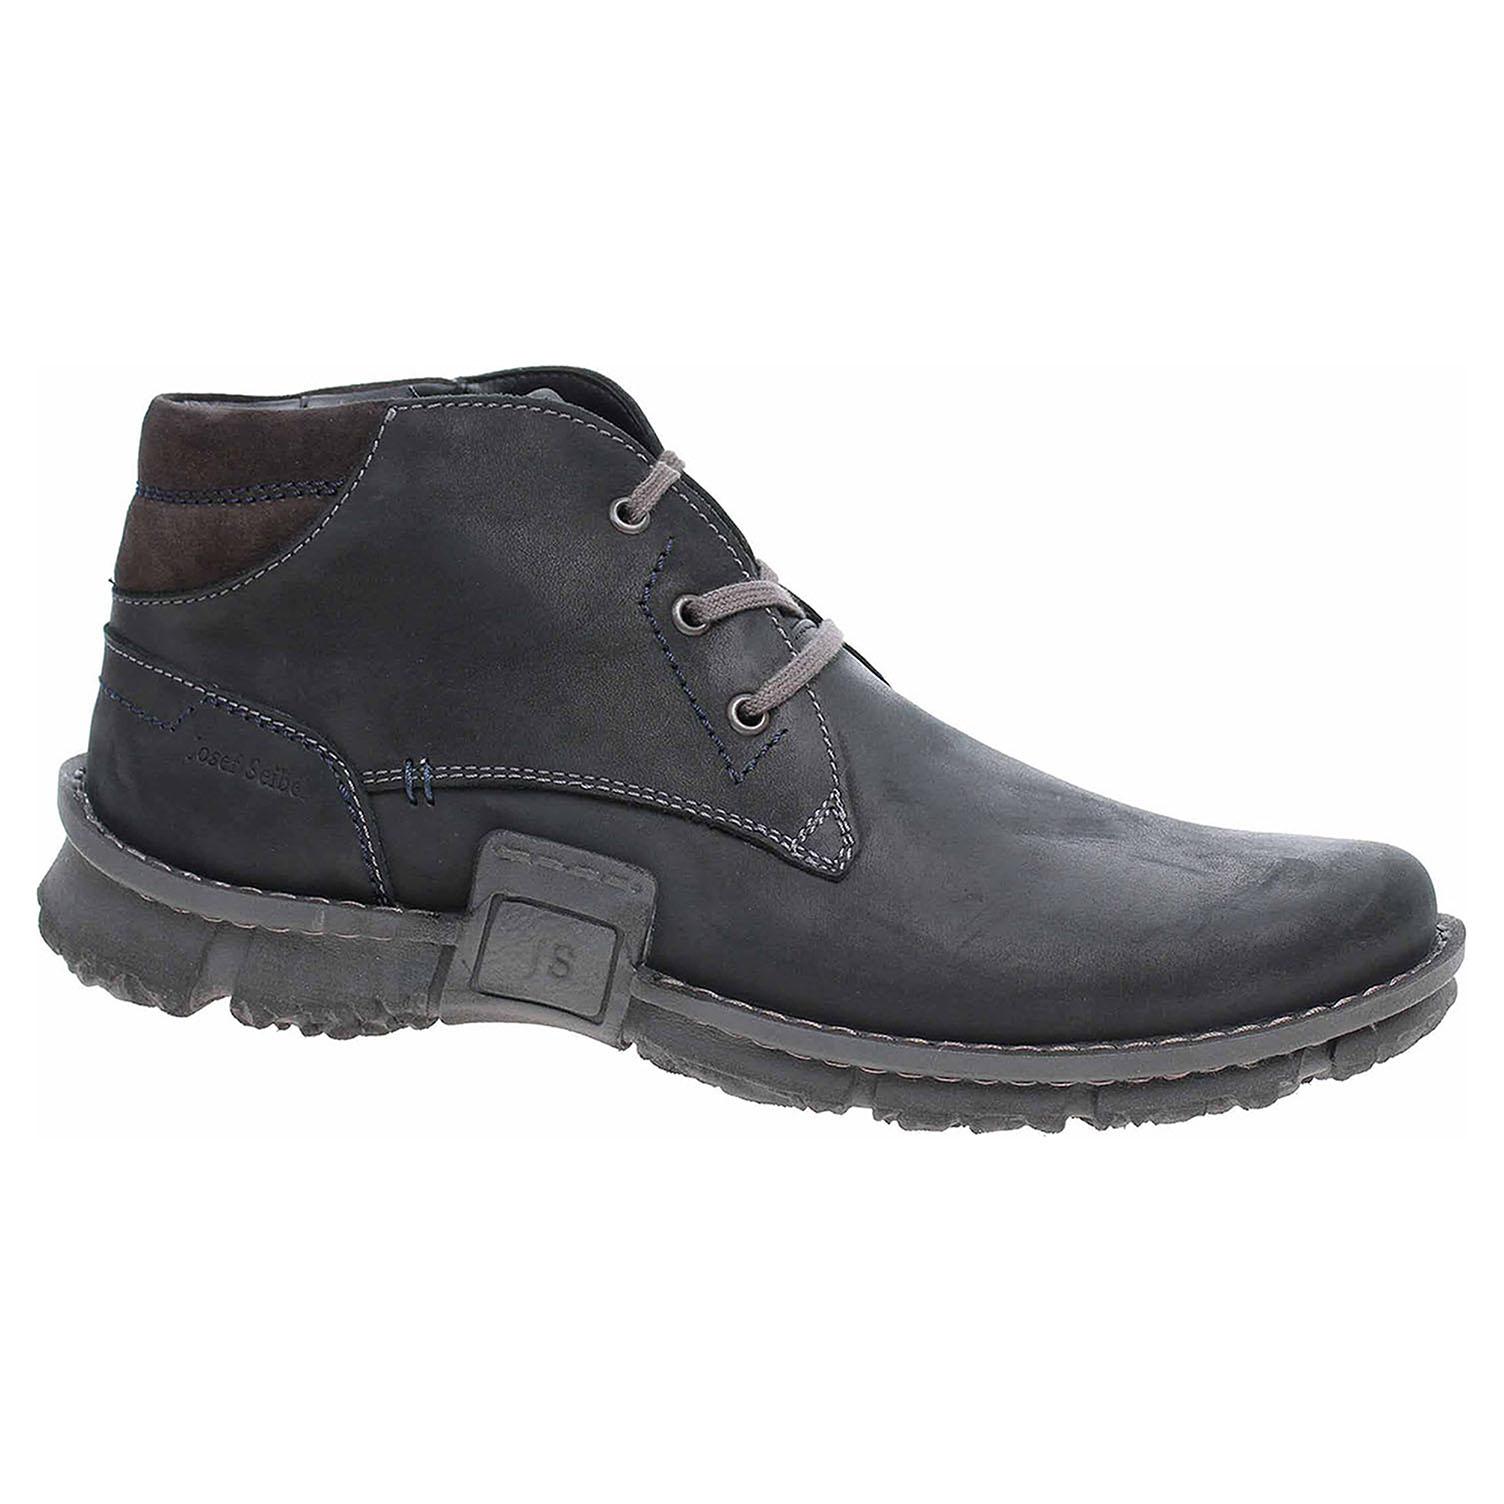 Pánská kotníková obuv Josef Seibel 14147 MA994101 schwarz-kombi 14147 MA994101 42